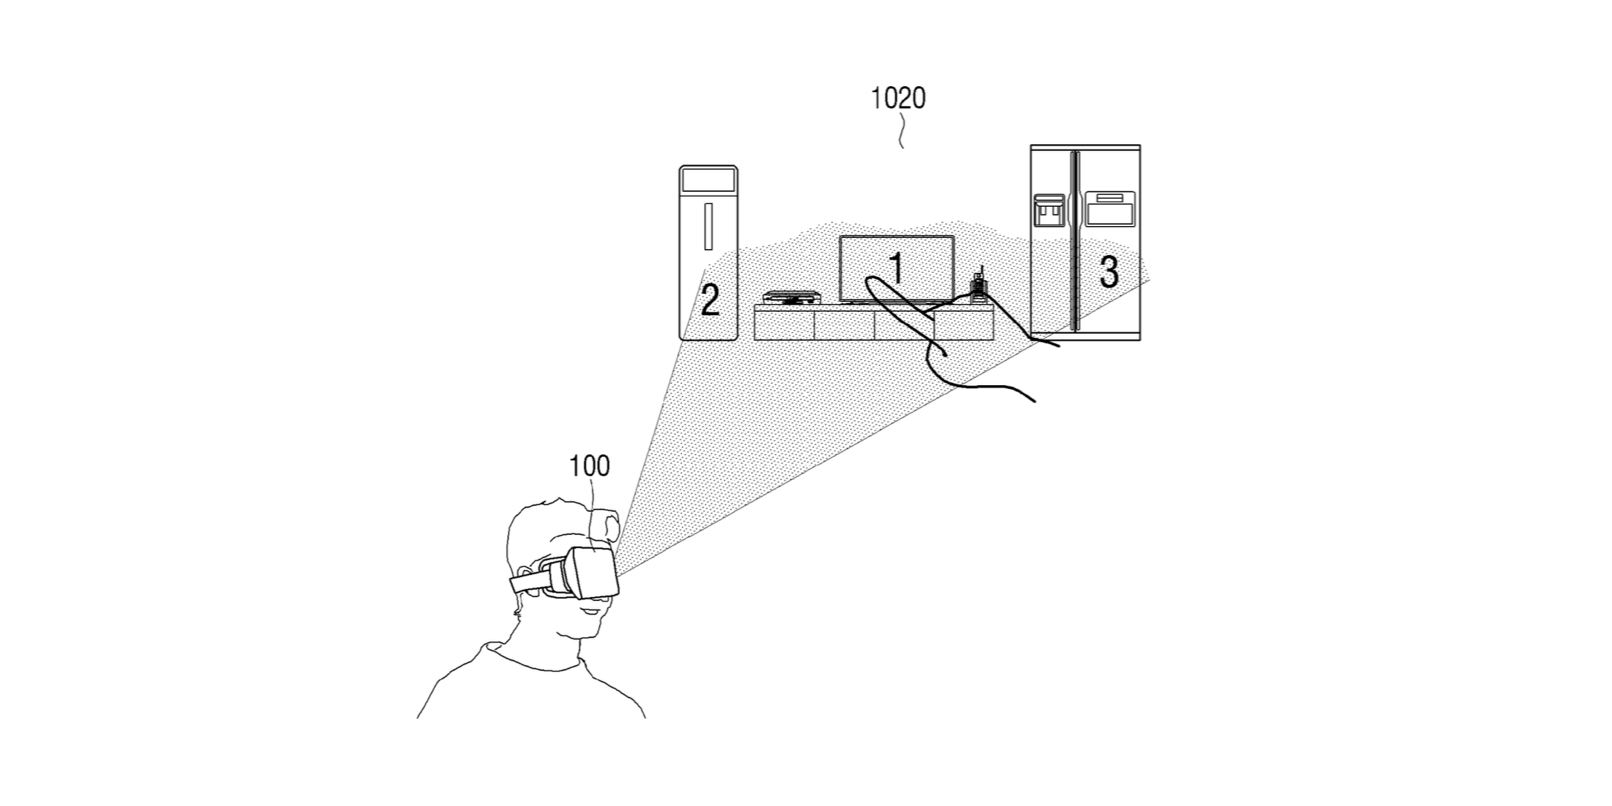 samsung-patent-vr